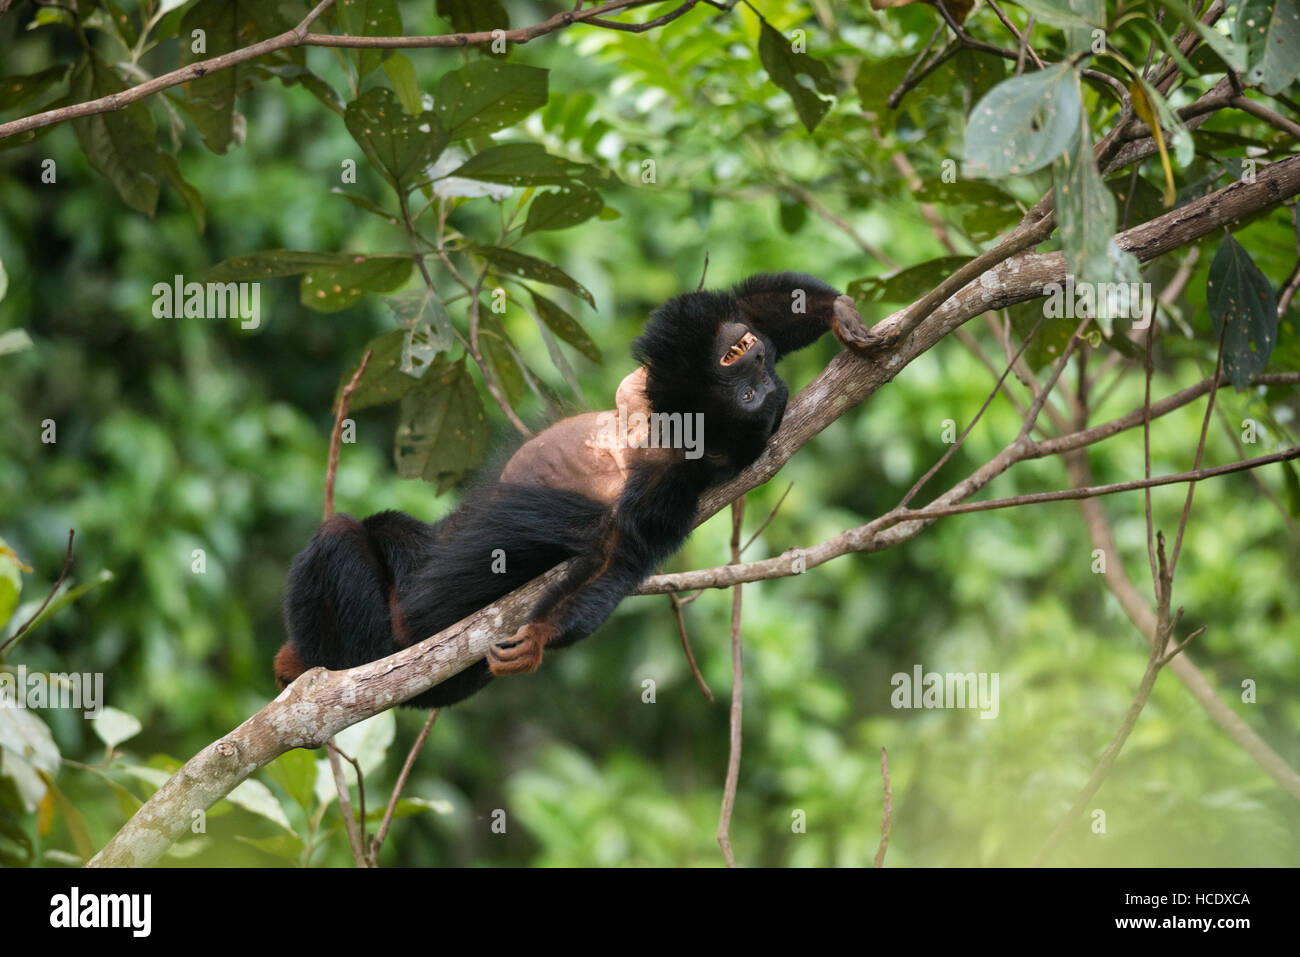 Un Rosso vulnerabili mancini scimmia urlatrice dalla foresta amazzonica Immagini Stock